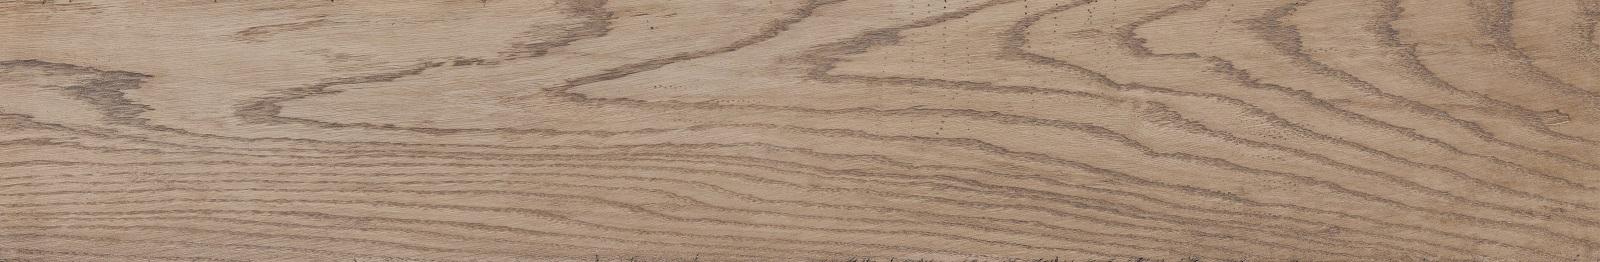 Плитка Allwood Beige (zzxwu3r) изображение 3